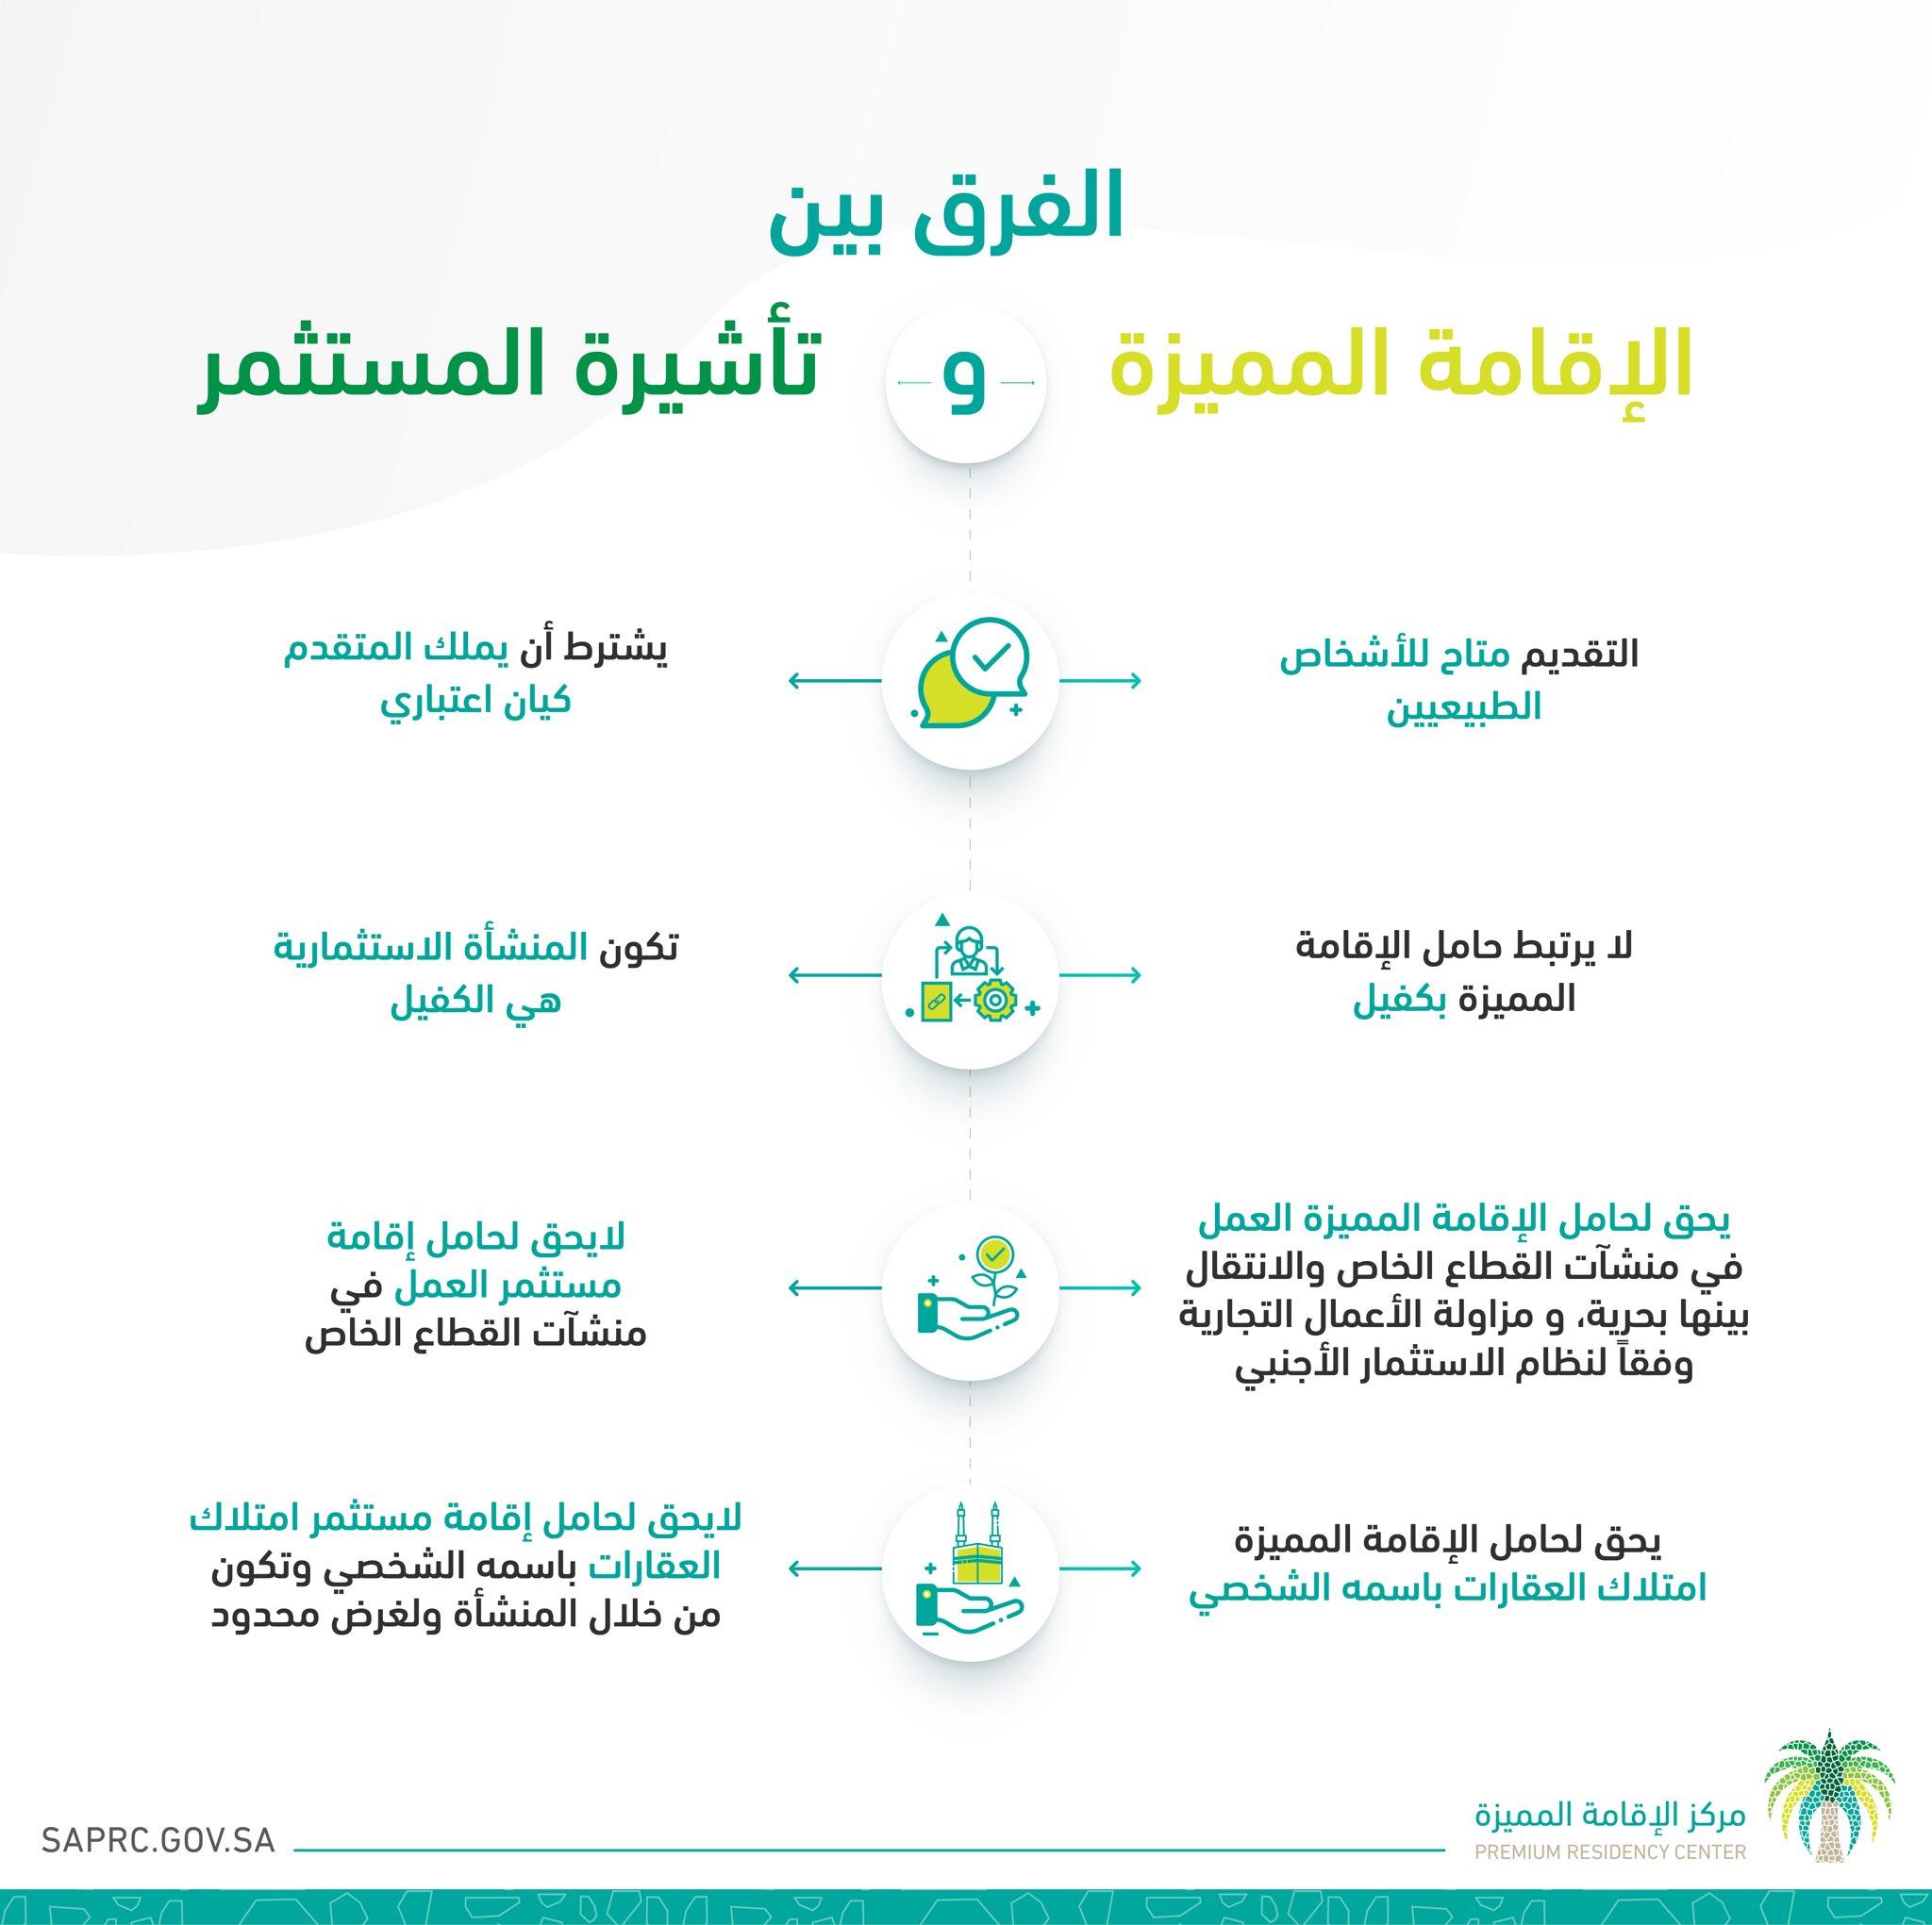 إنفوجرافيك ما الفرق بين الإقامة المميزة وتأشيرة المستثمر بالسعودية معلومات مباشر